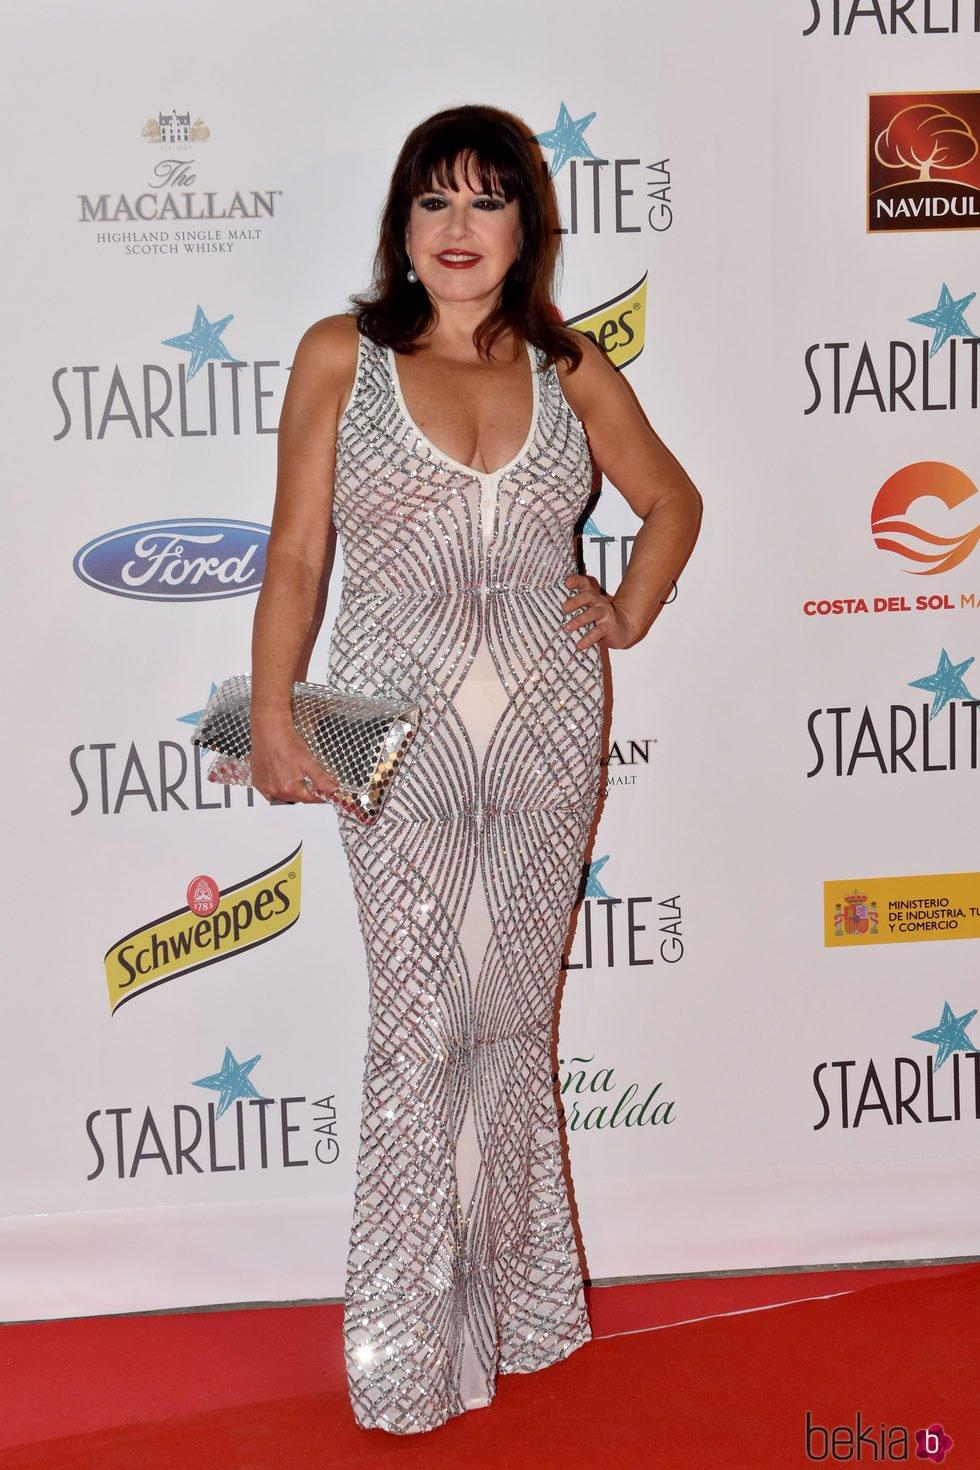 Loles León en la Gala Starlite 2017 en Marbella